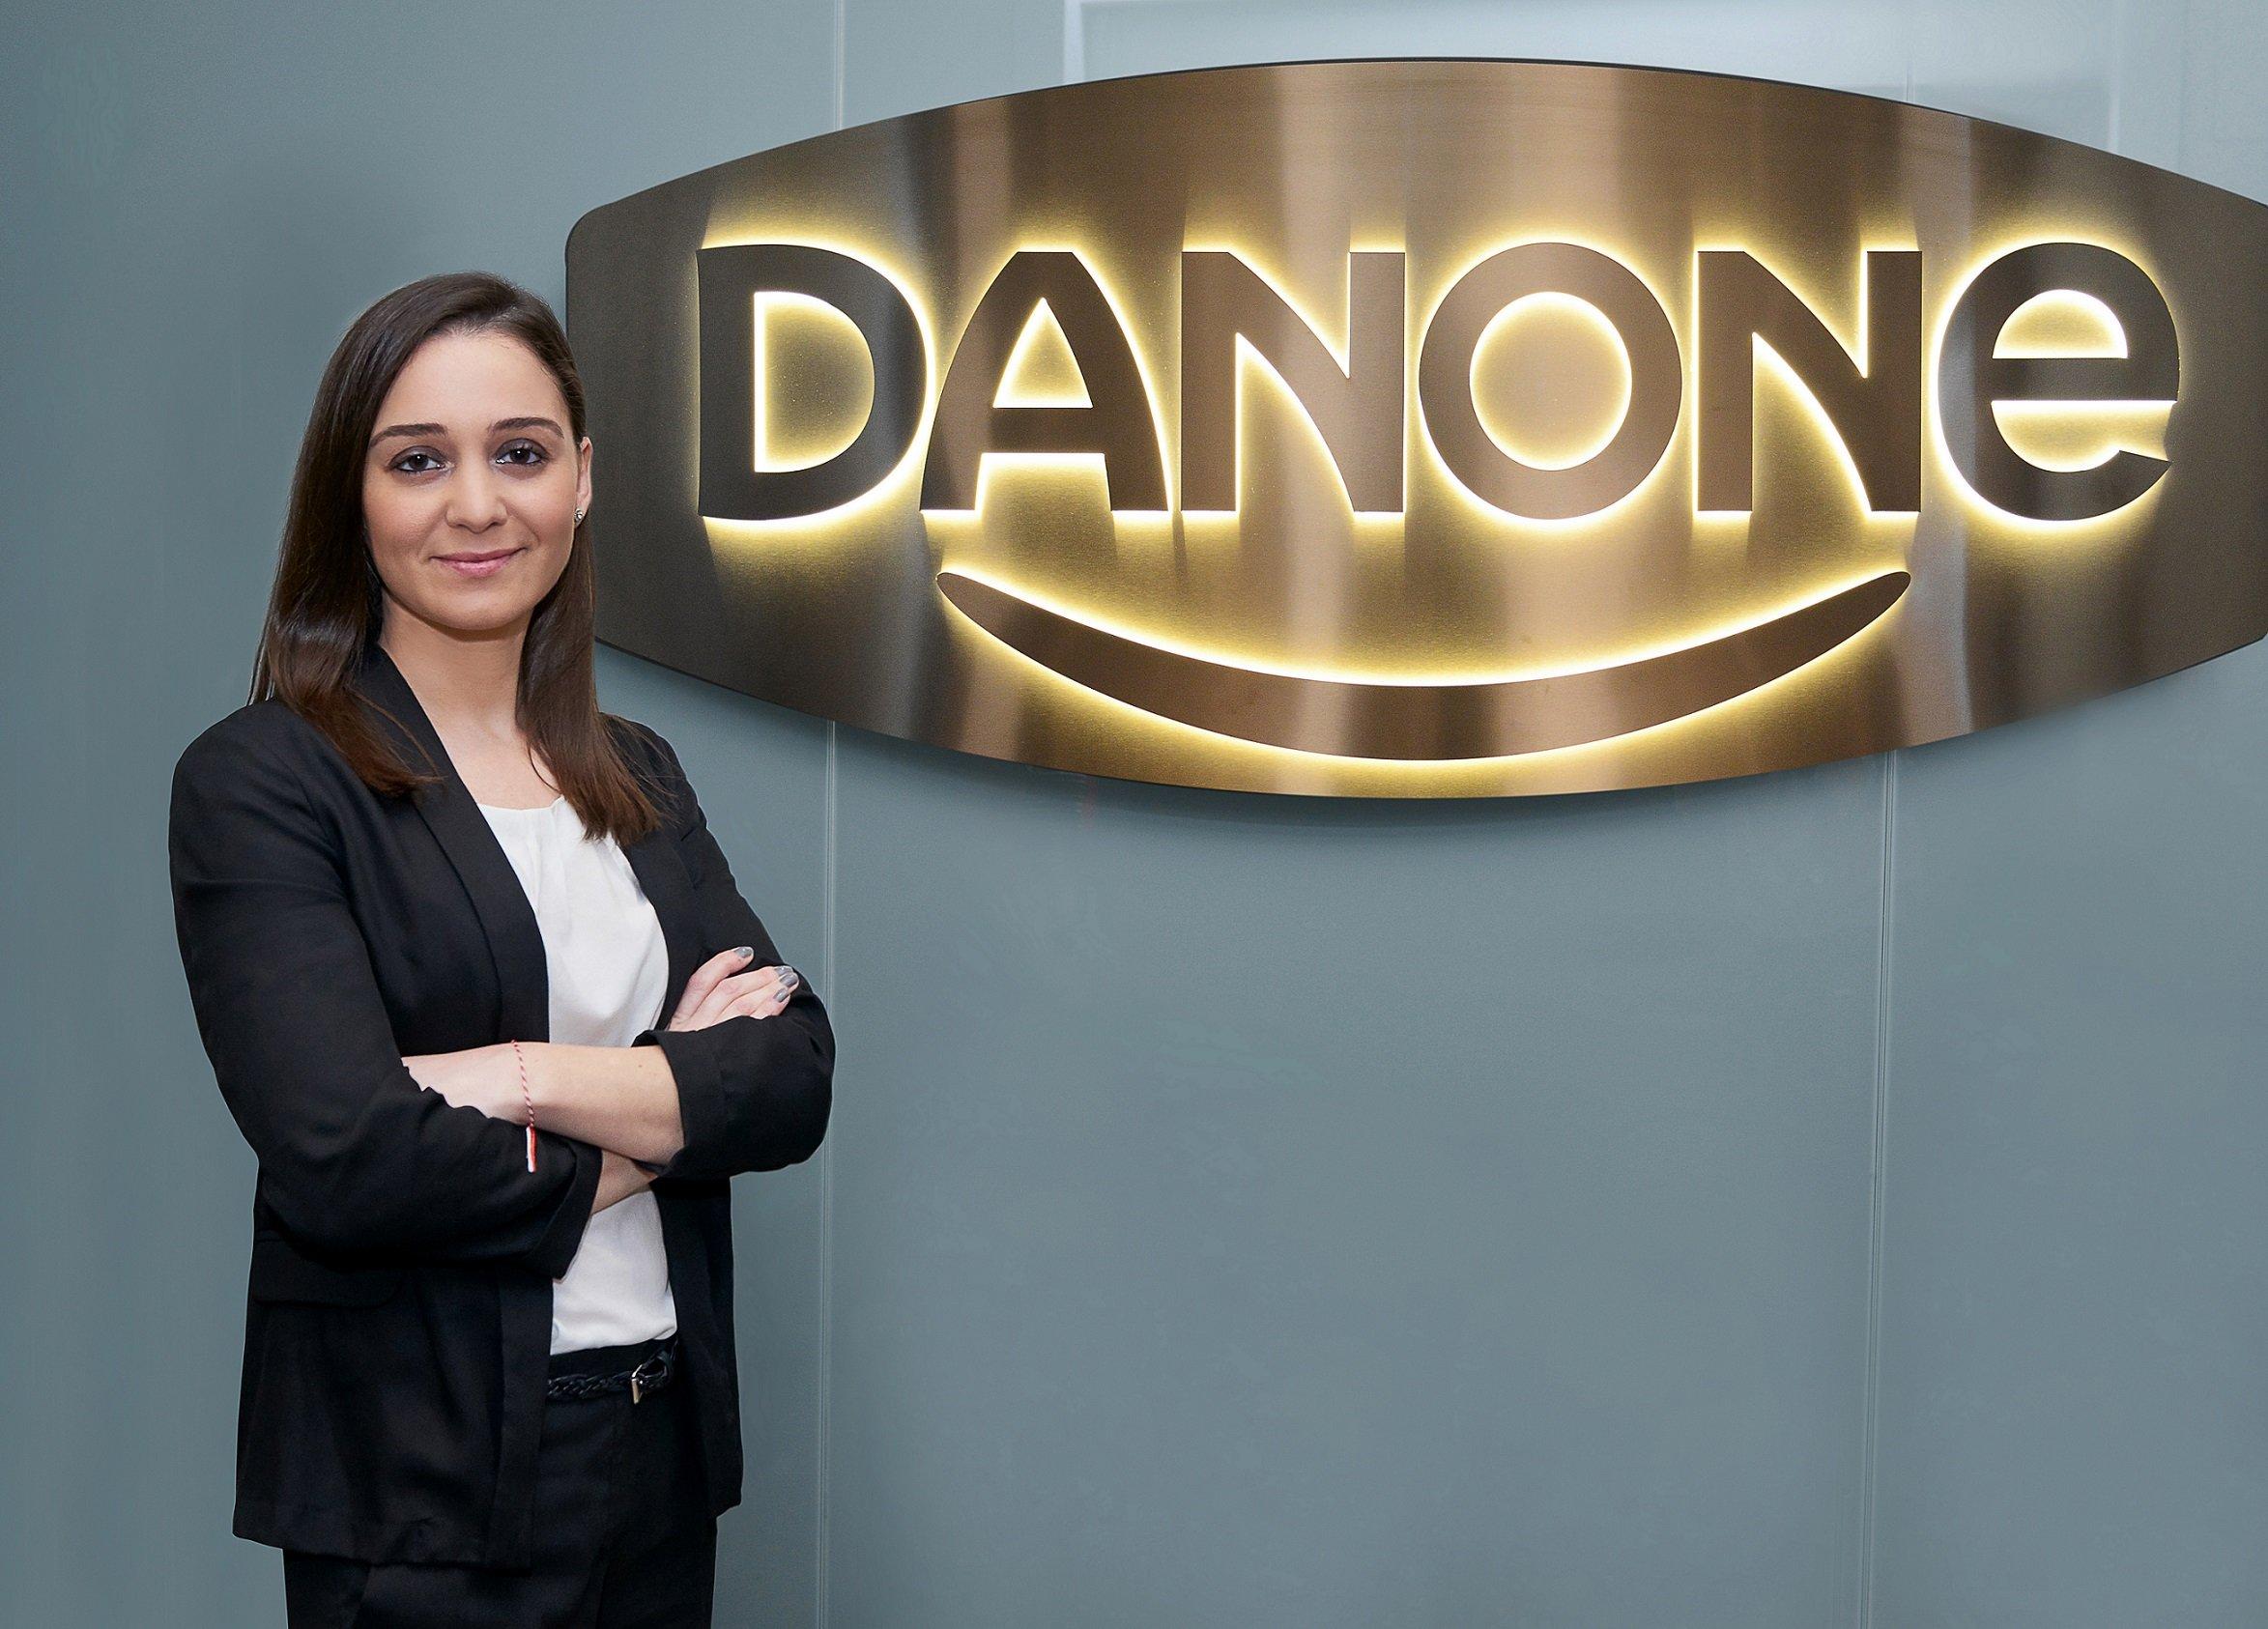 Danone Türkiye Sütlü Ürünler en iyi İş verenleri arasında!